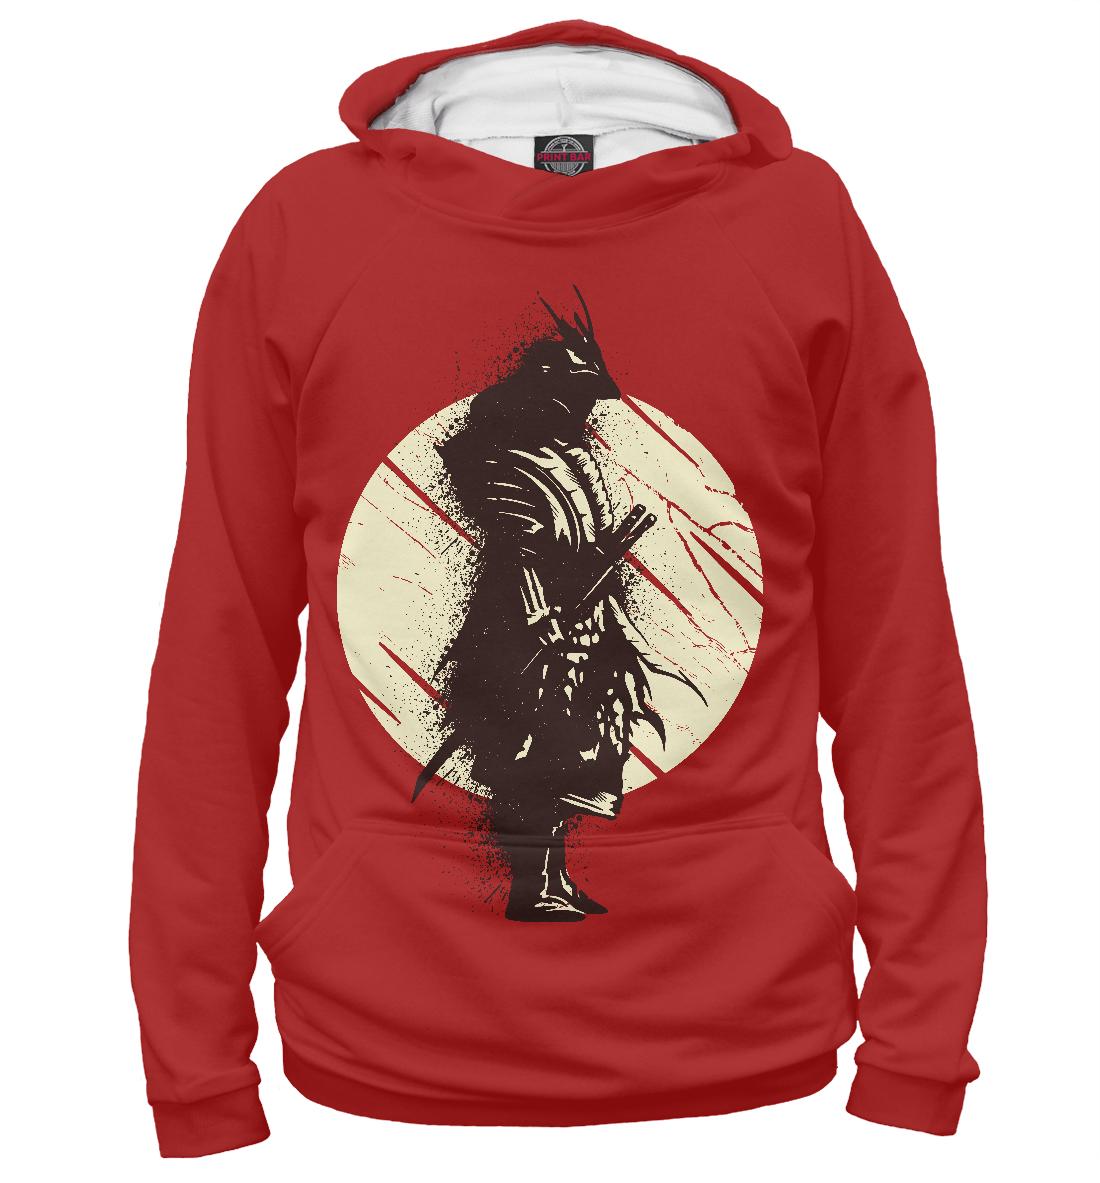 Samurai splash samurai splash